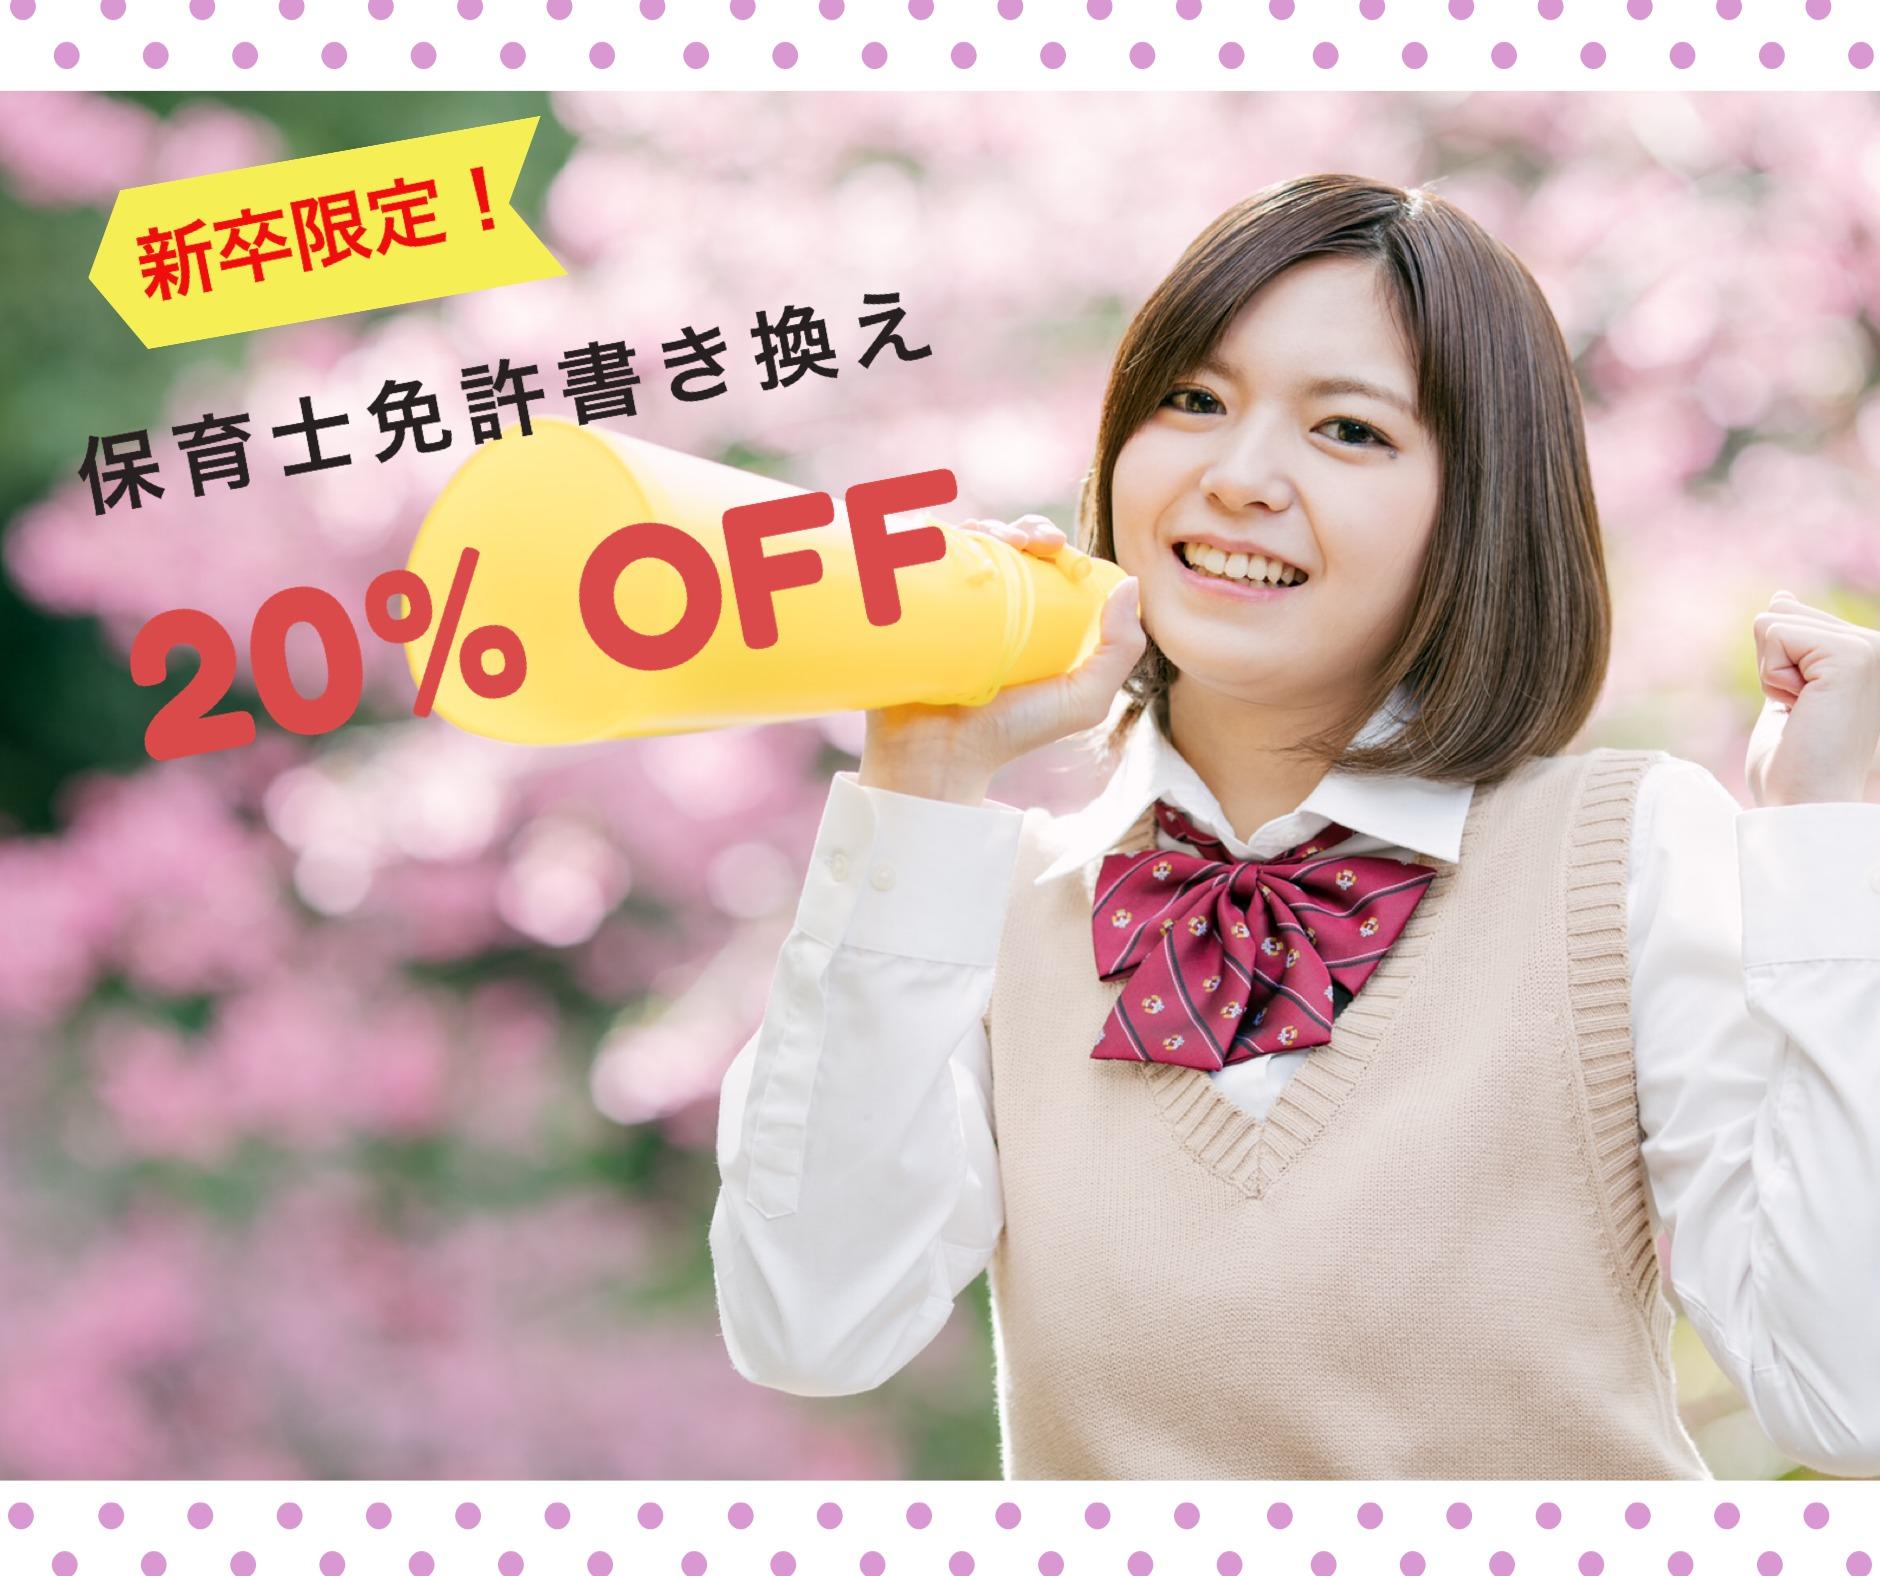 【新卒キャンペーン】日本からカナダへの保育士資格書換え申請が20%オフ!